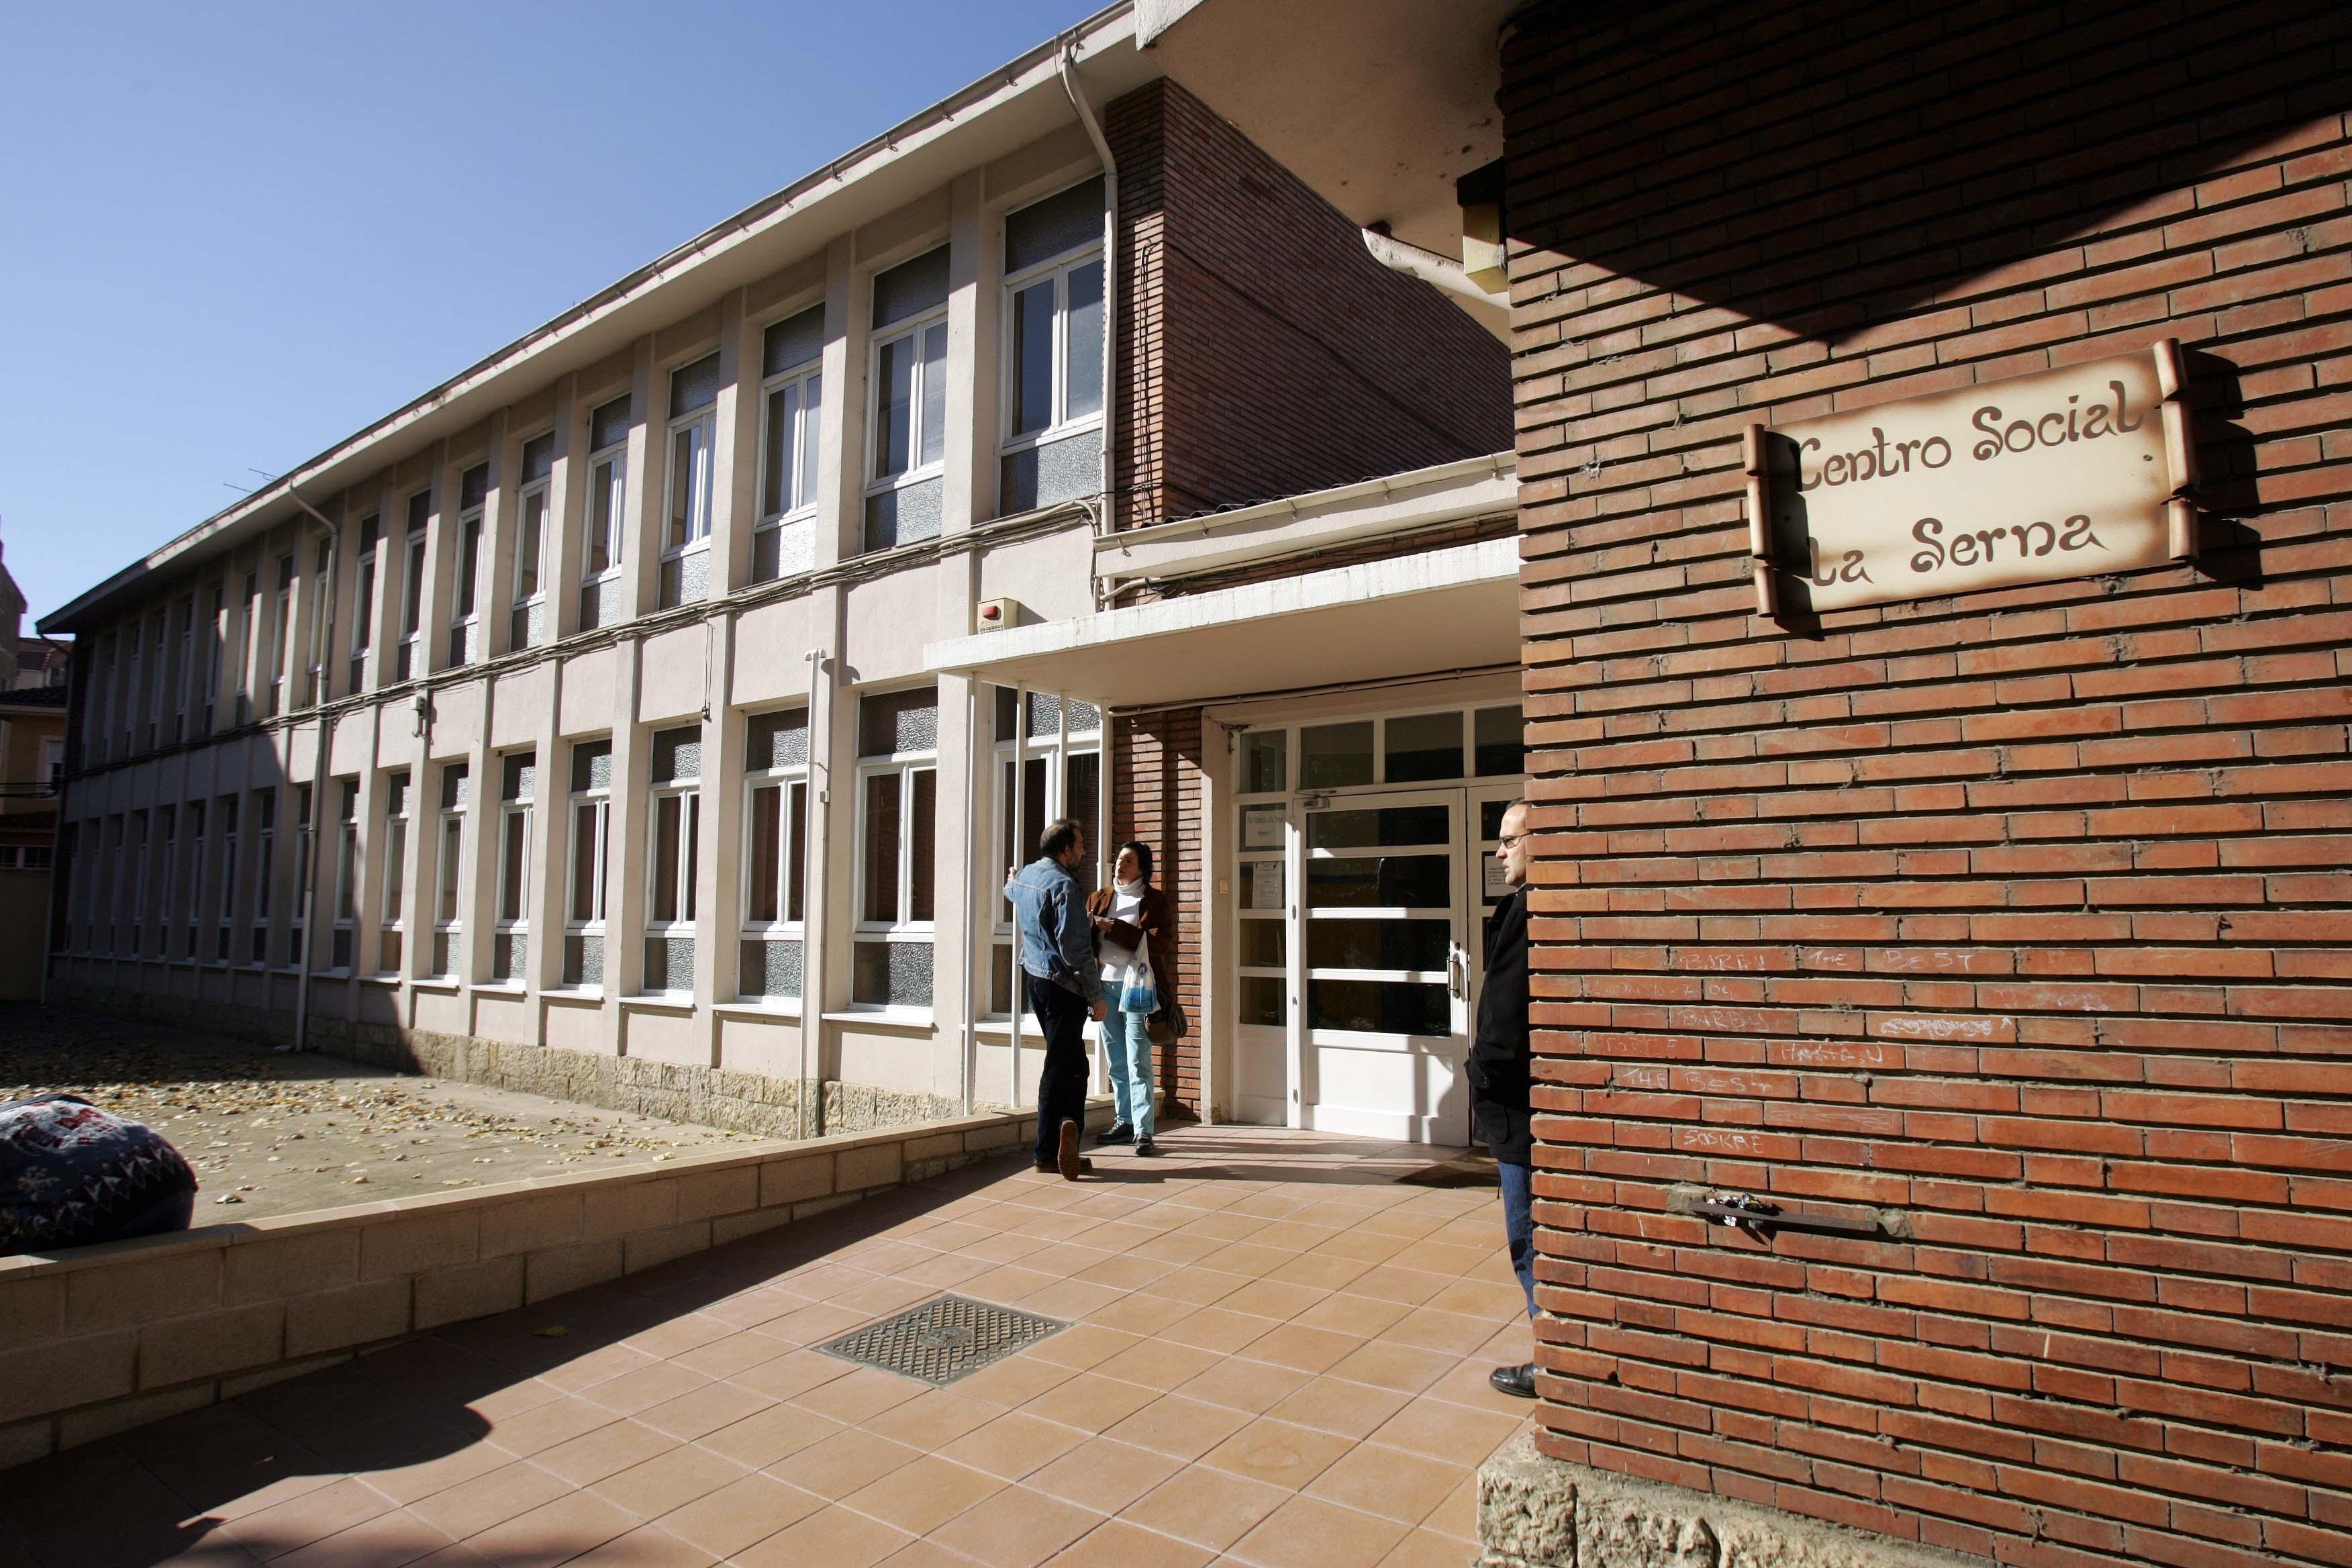 Los Centros de Acción Social del Ayuntamiento de León han realizado 12.727 intervenciones en lo que va de año